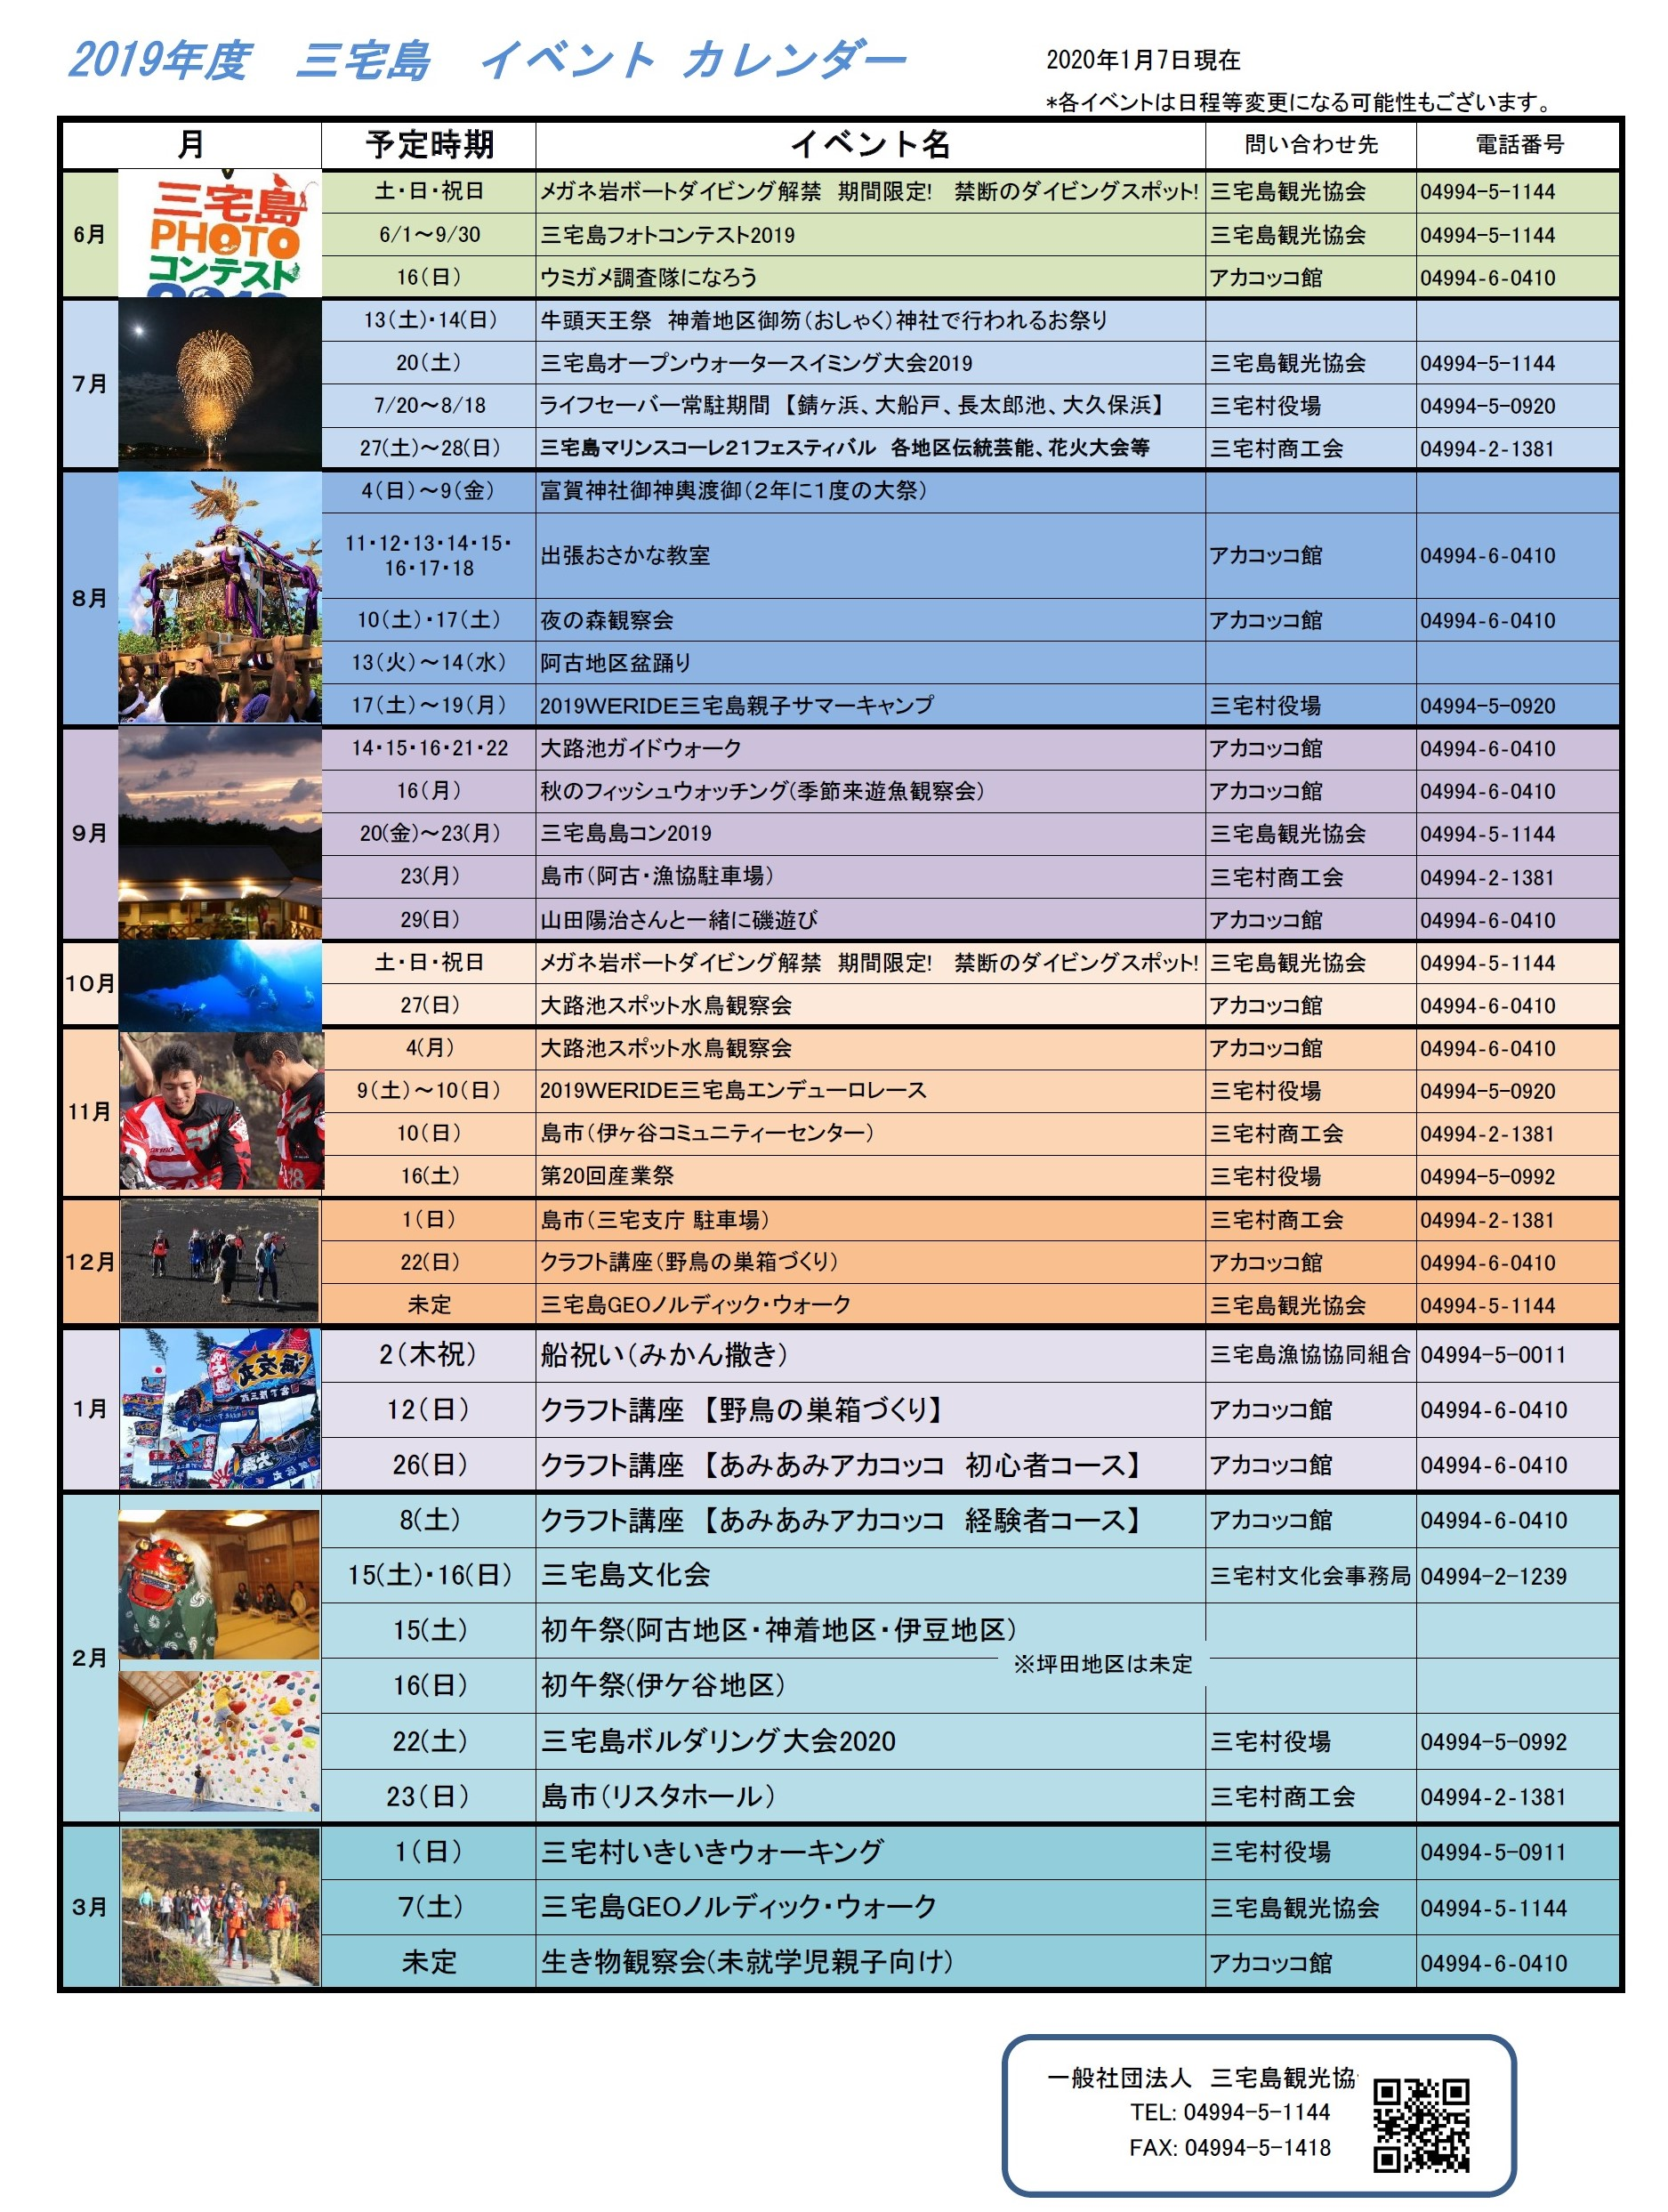 三宅島イベントカレンダー